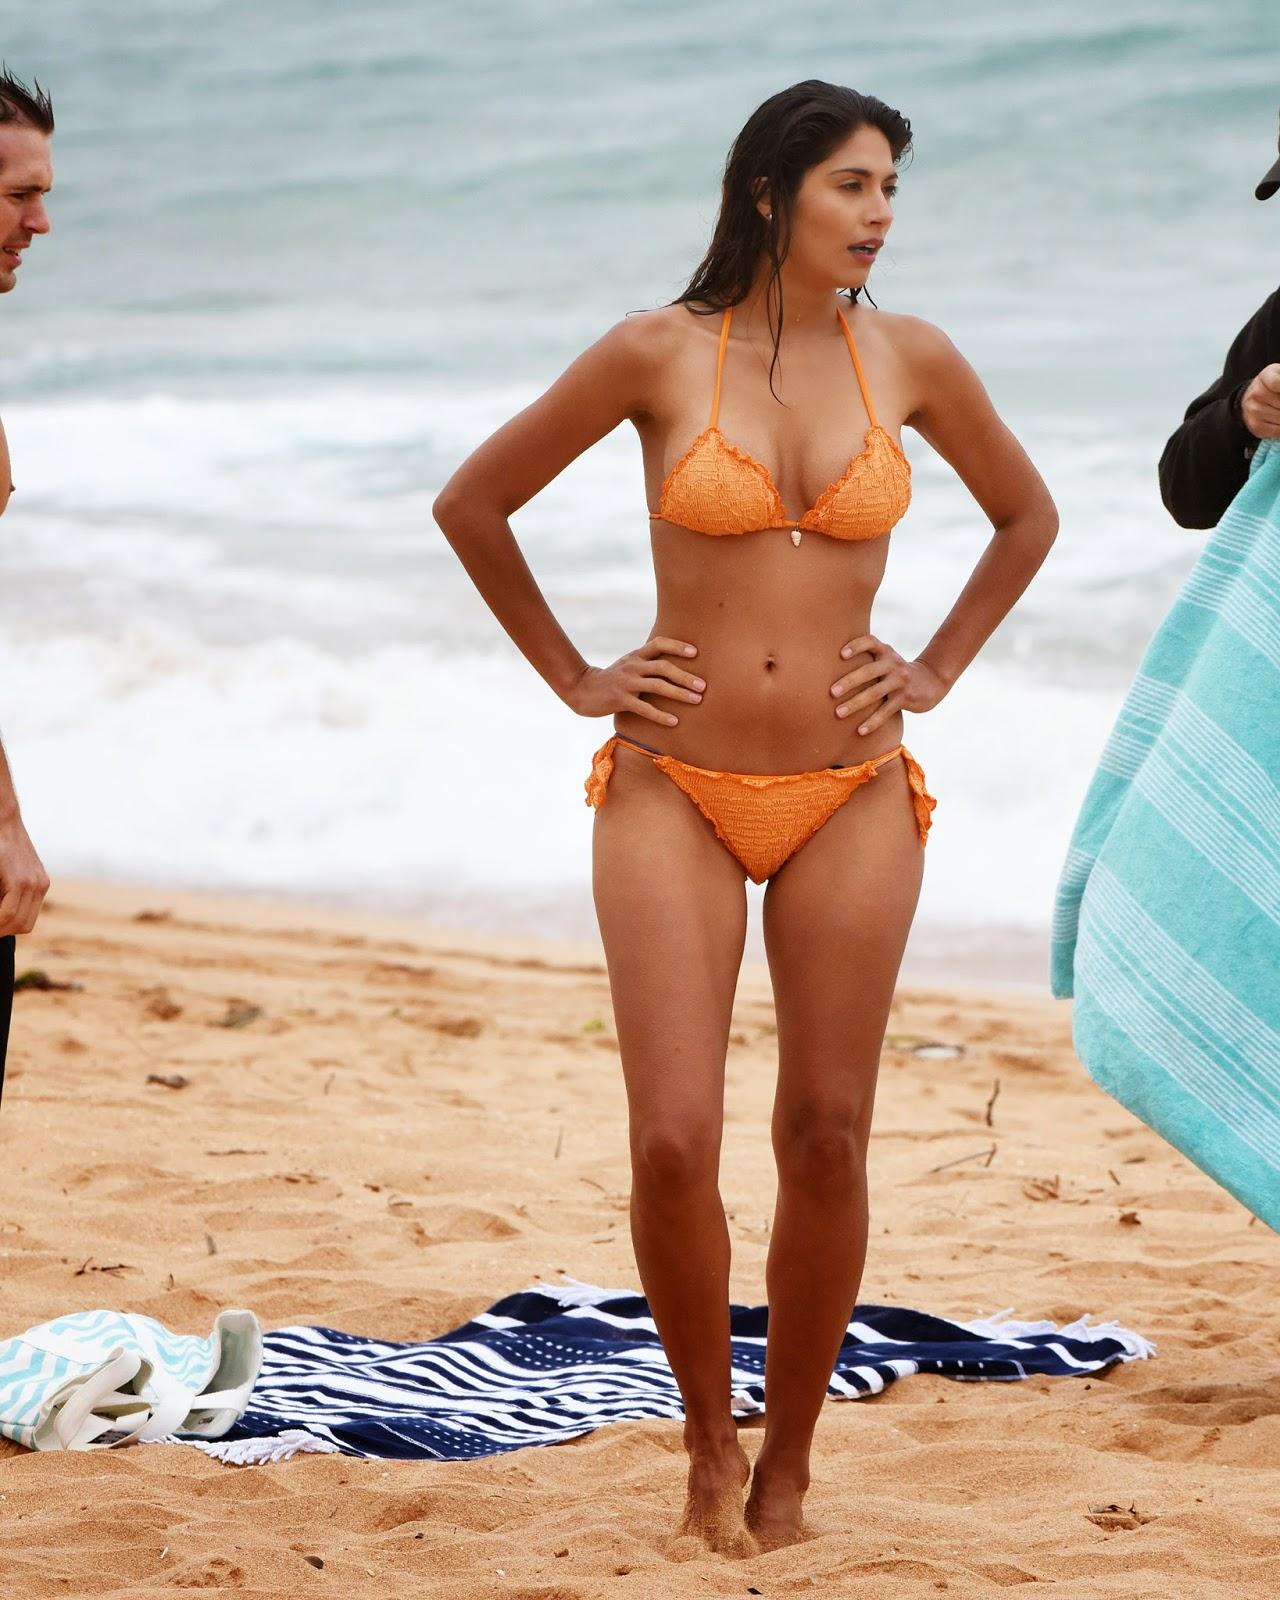 Rashma hot nude open photos